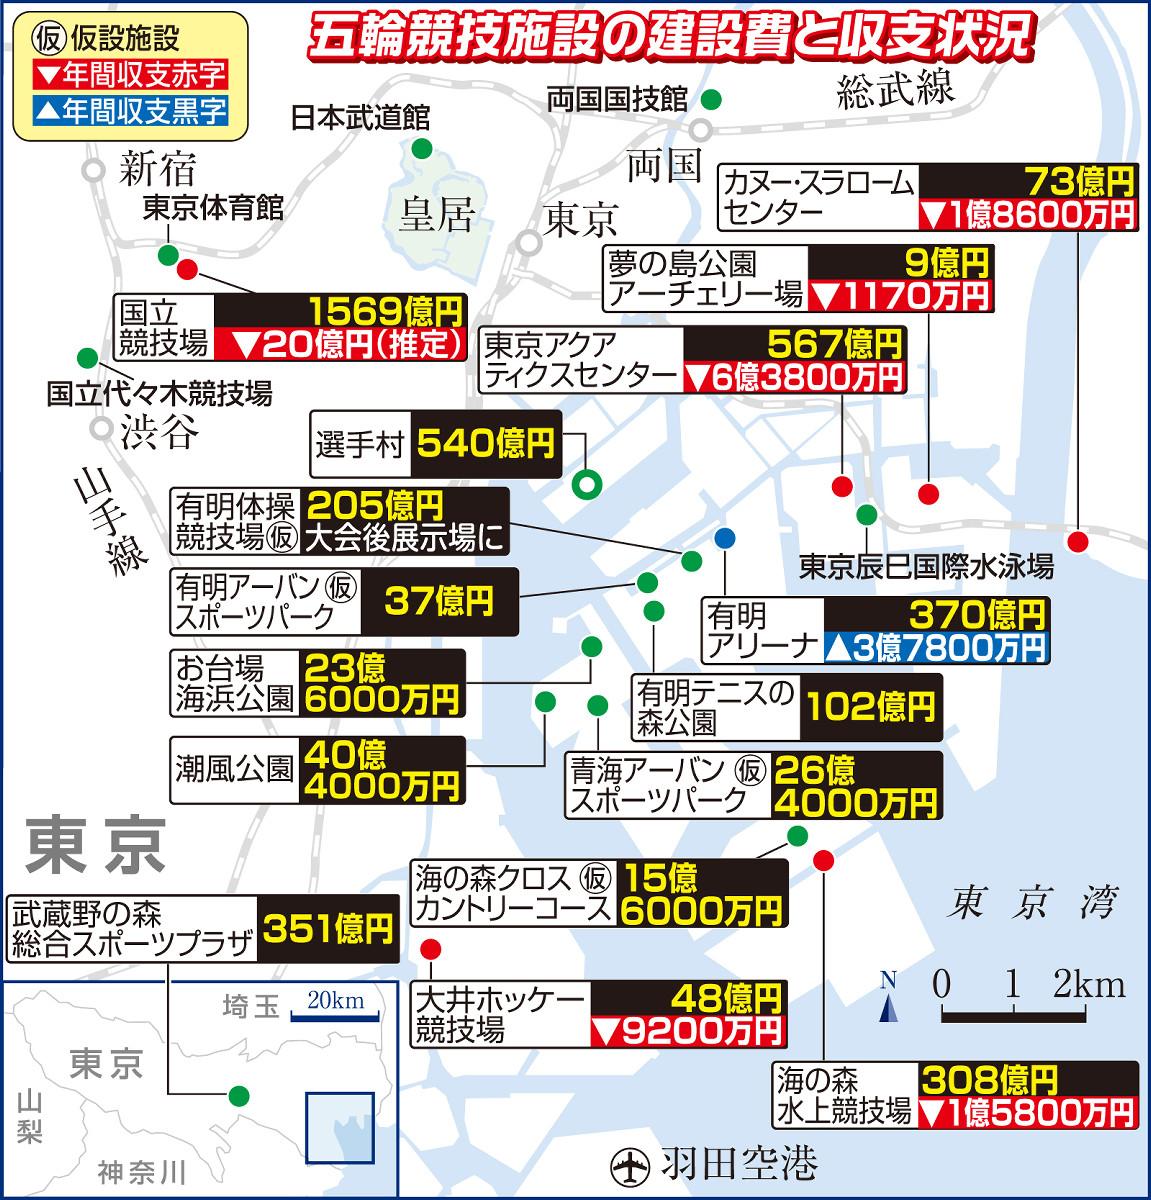 東京五輪競技施設の建設費と収支状況